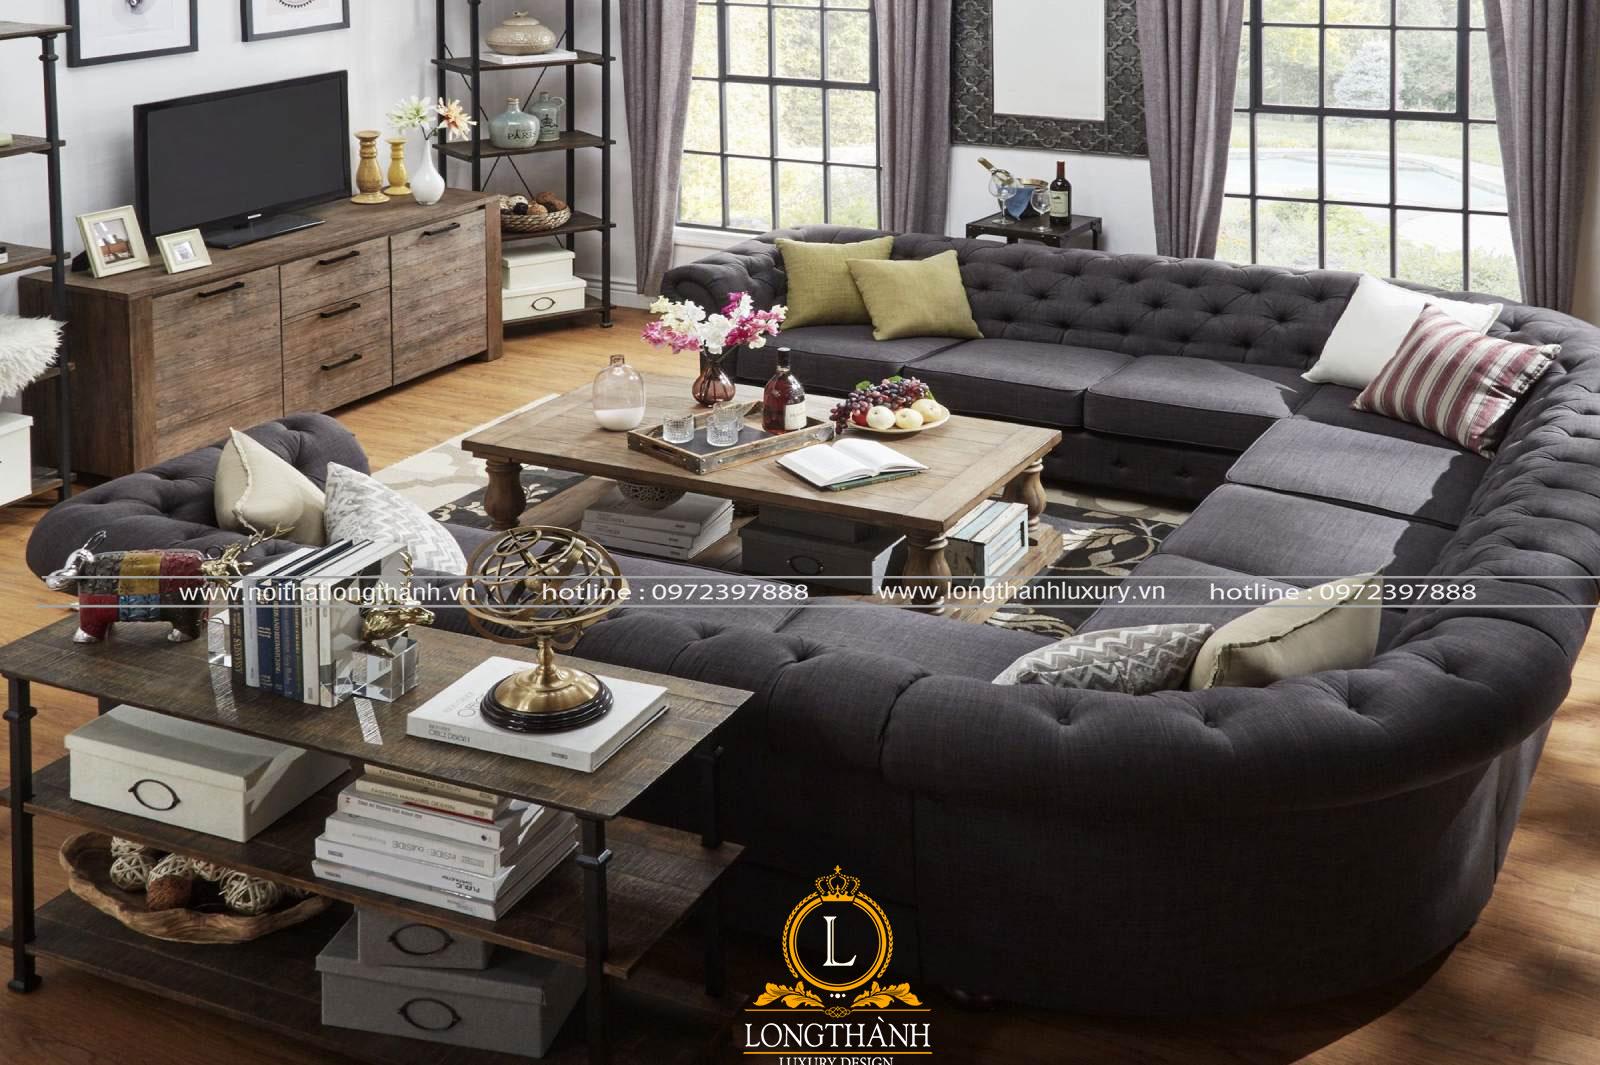 Sofa nhung phòng khách được thiết kế theo hình chữ u